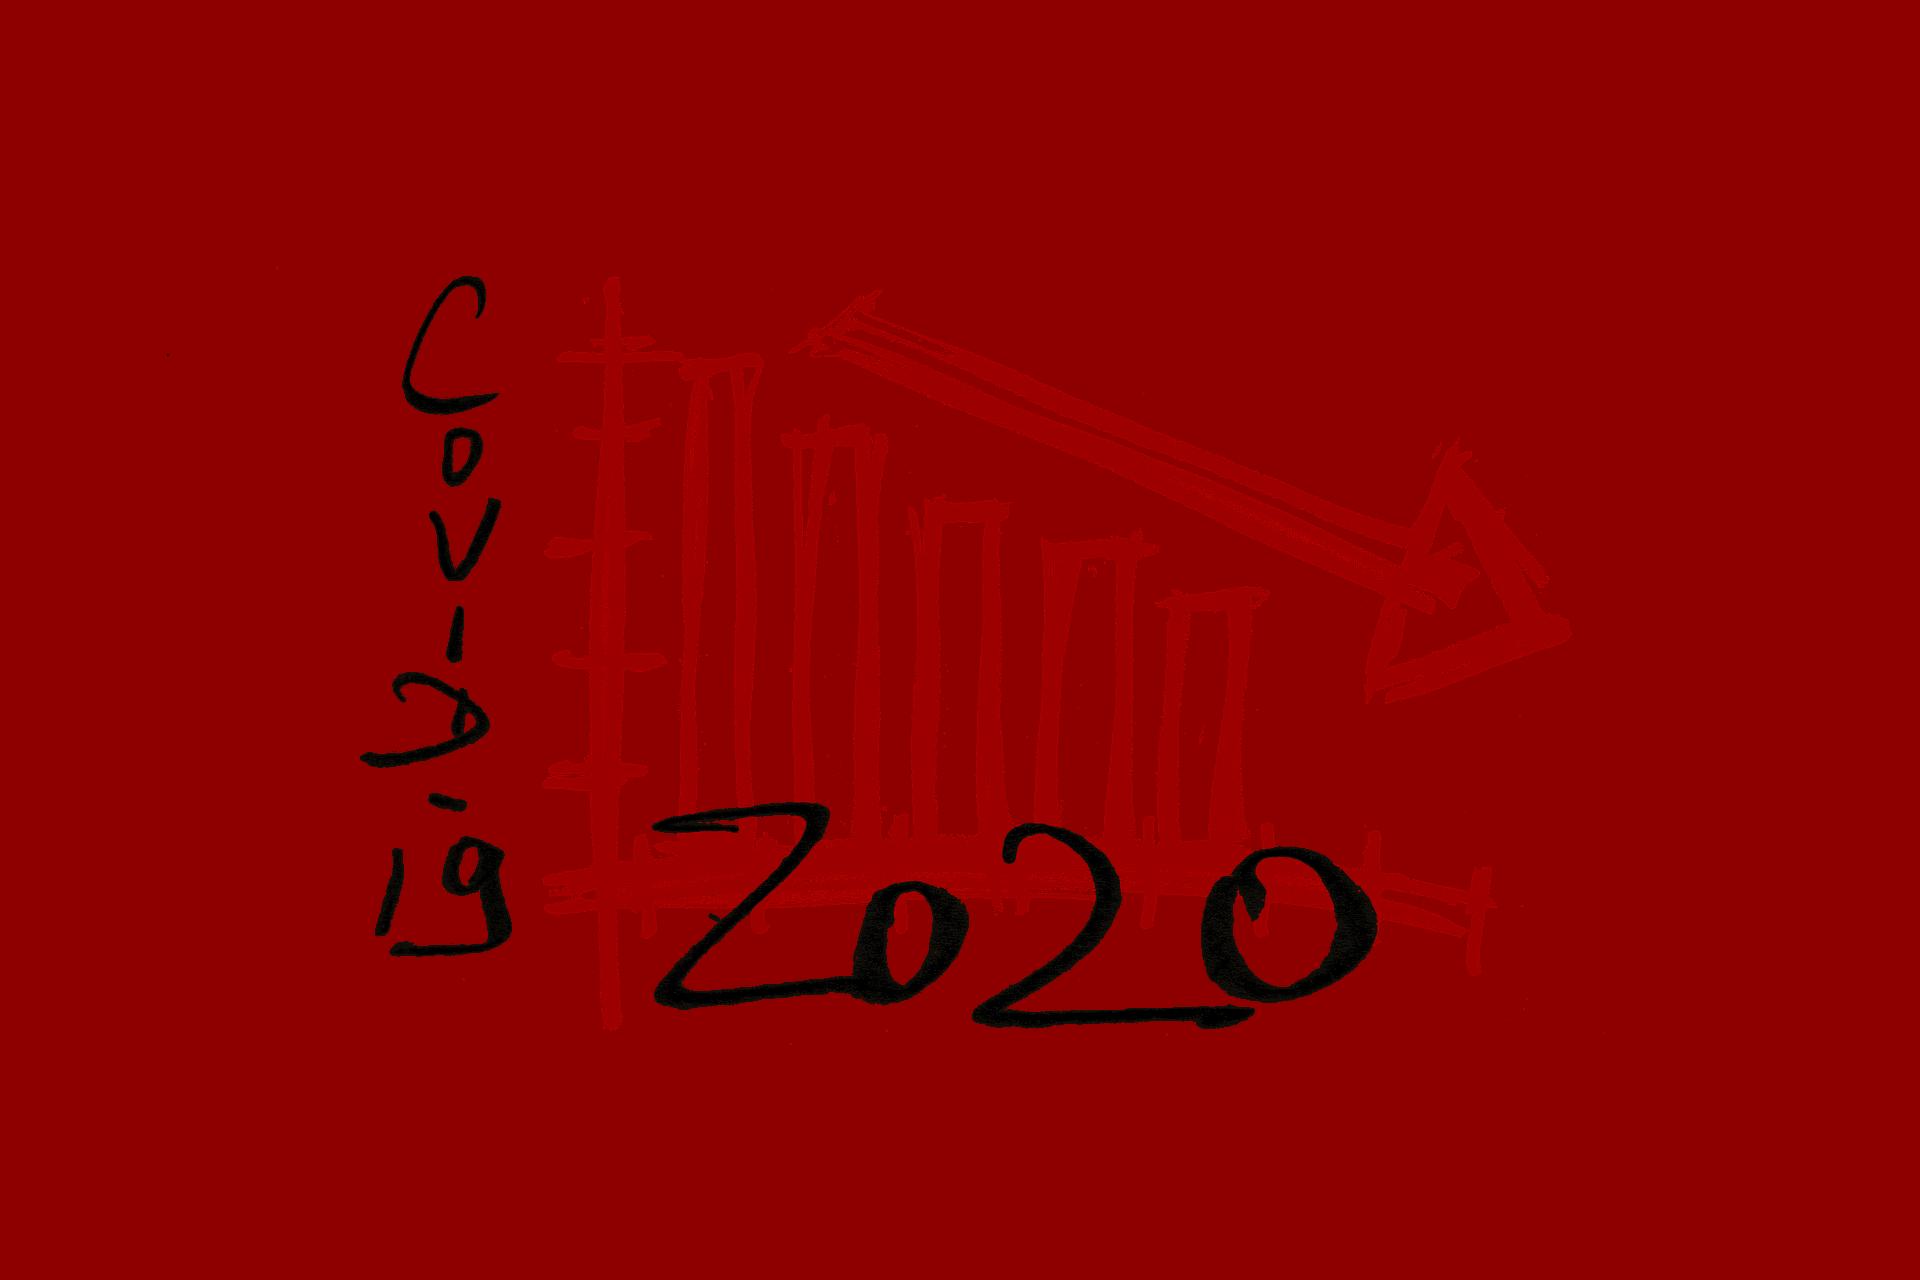 Ökonomie Wirtschaft Finanzen Staatshaushalt - (c) Pixabay